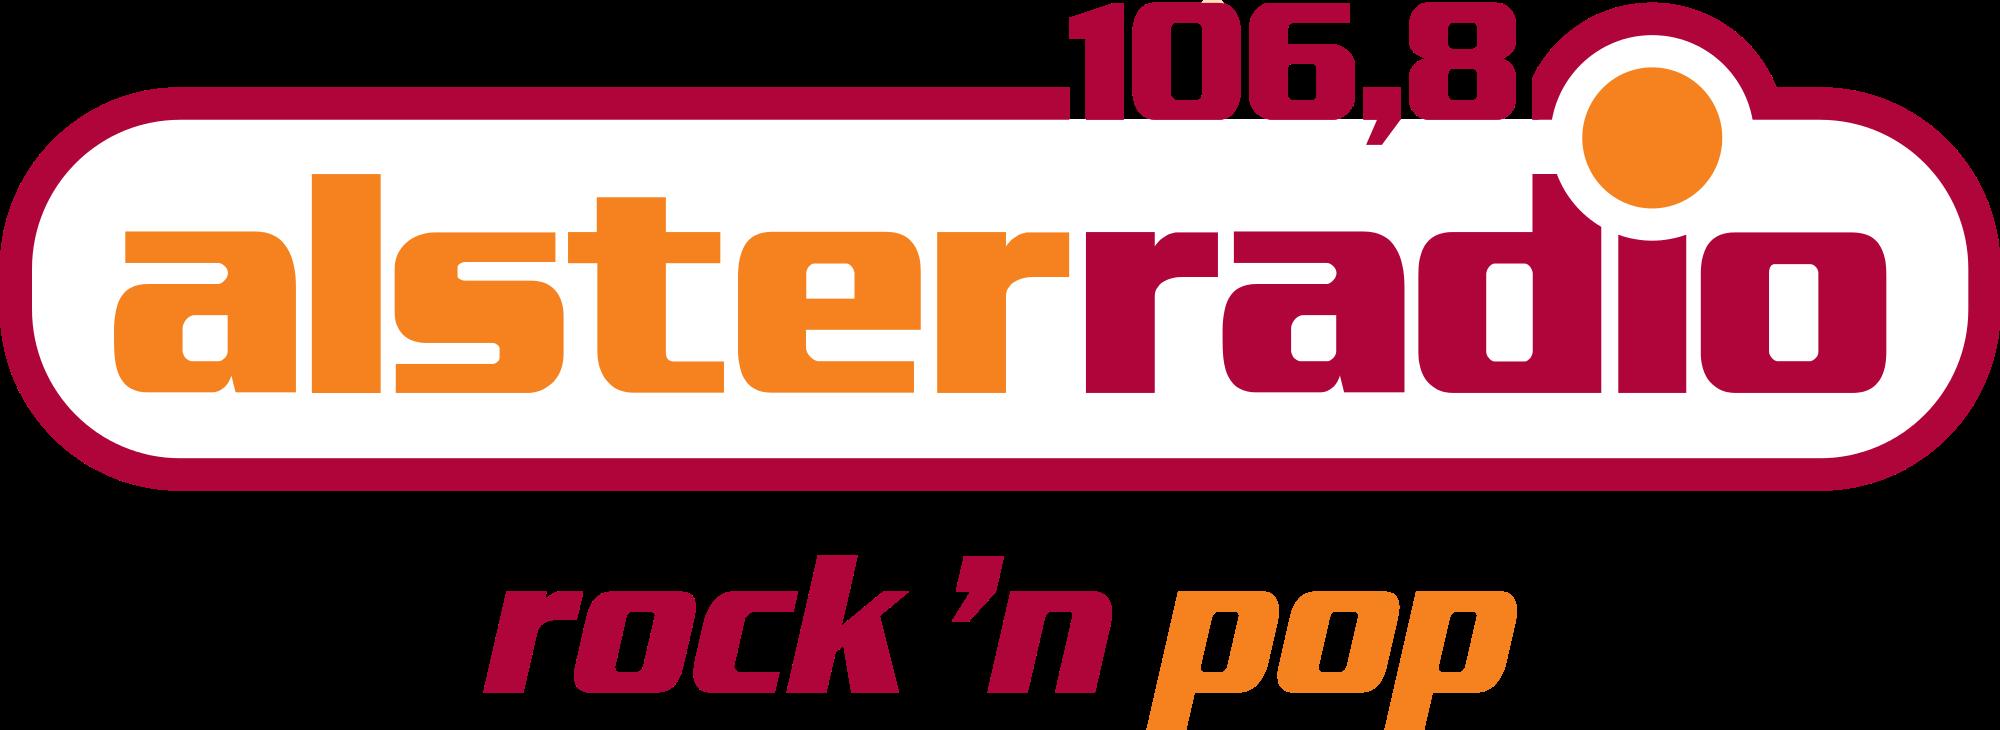 Radio-Beitrag in der Alsterradio Morgenshow